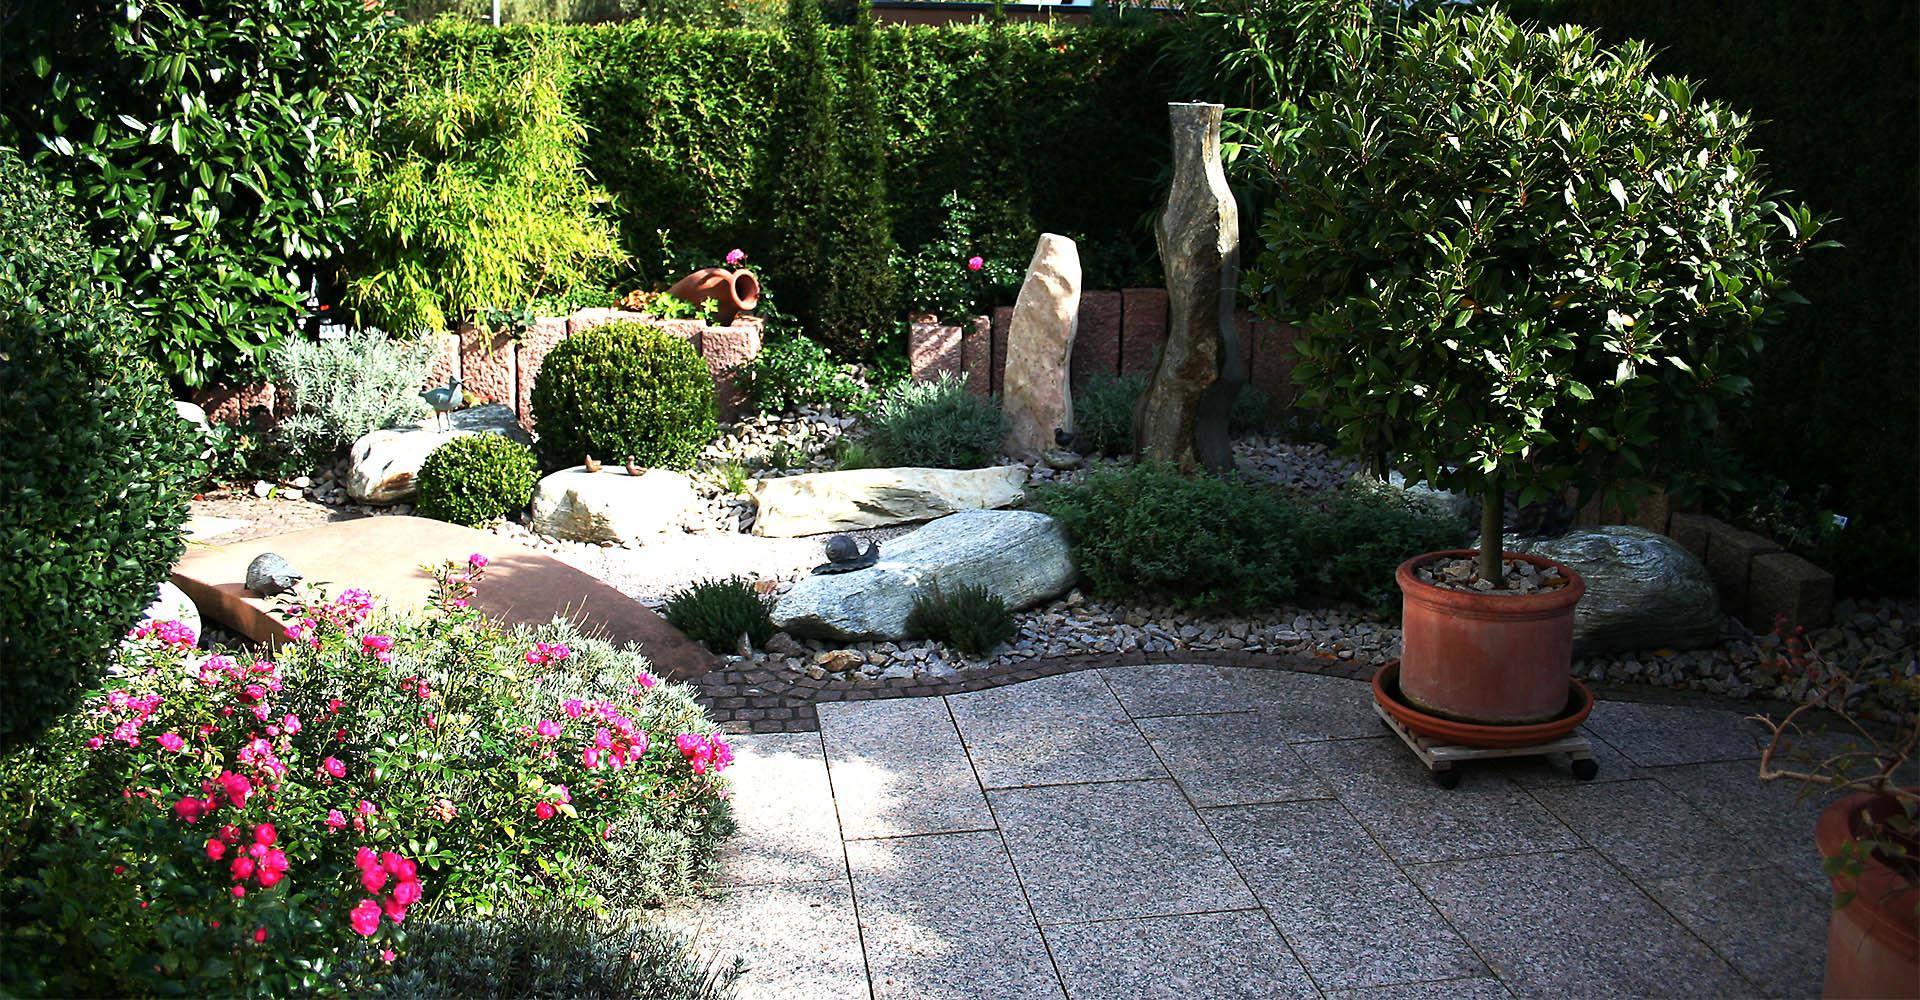 Reppermund Garten Und Landschaftsbau Unterstützt. Sie Bei Der Umsetzung  Ihrer Ideen Vom Kleingarten Bis Hin Zur Außenanlage In Industrie Und  Gewerbe.